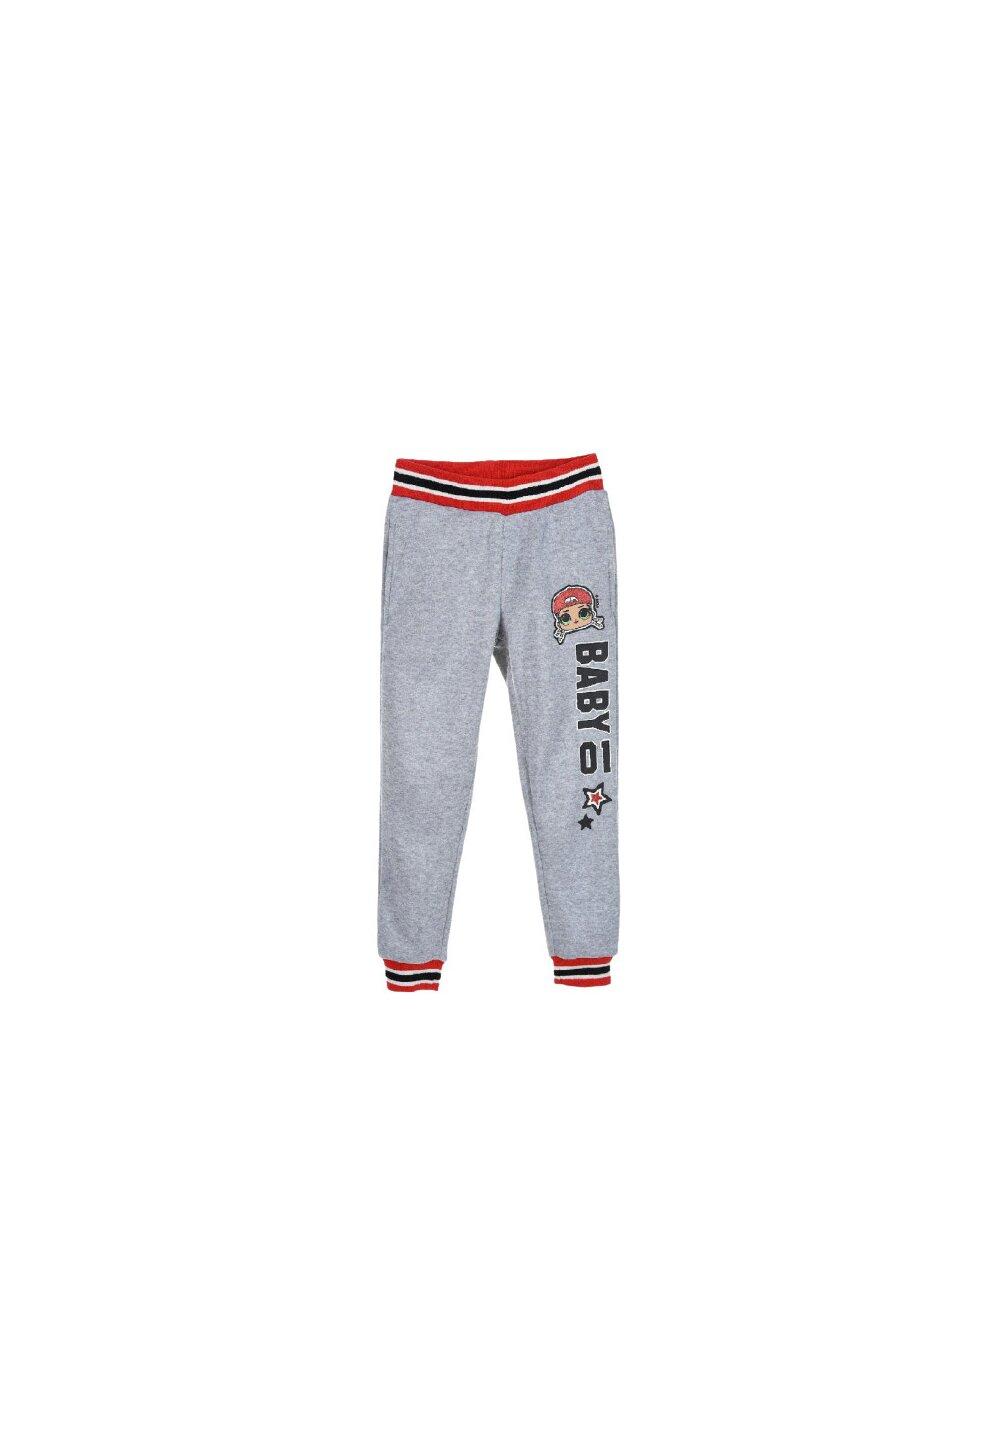 Pantaloni trening, Baby 01, LOL, gri